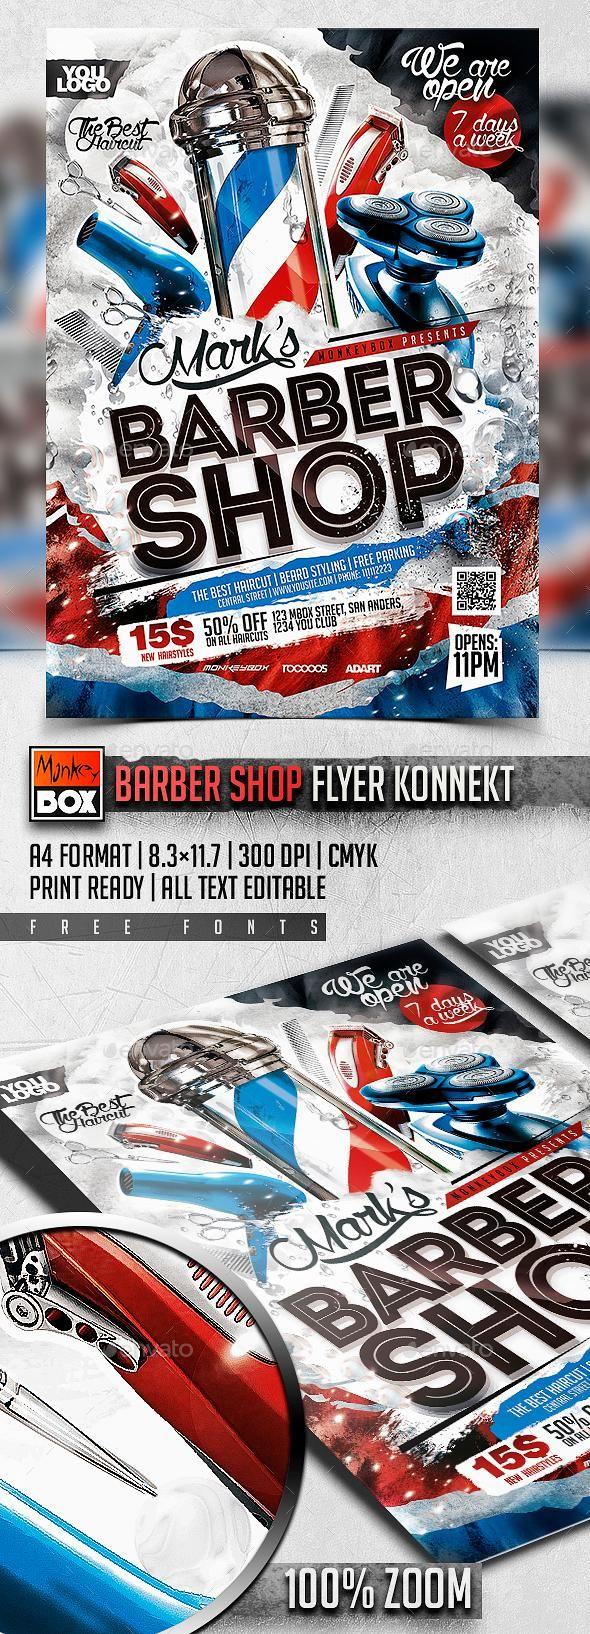 Barber Shop Flyer Konnekt Barber Shop Flyer Barber Barber shop flyer free template